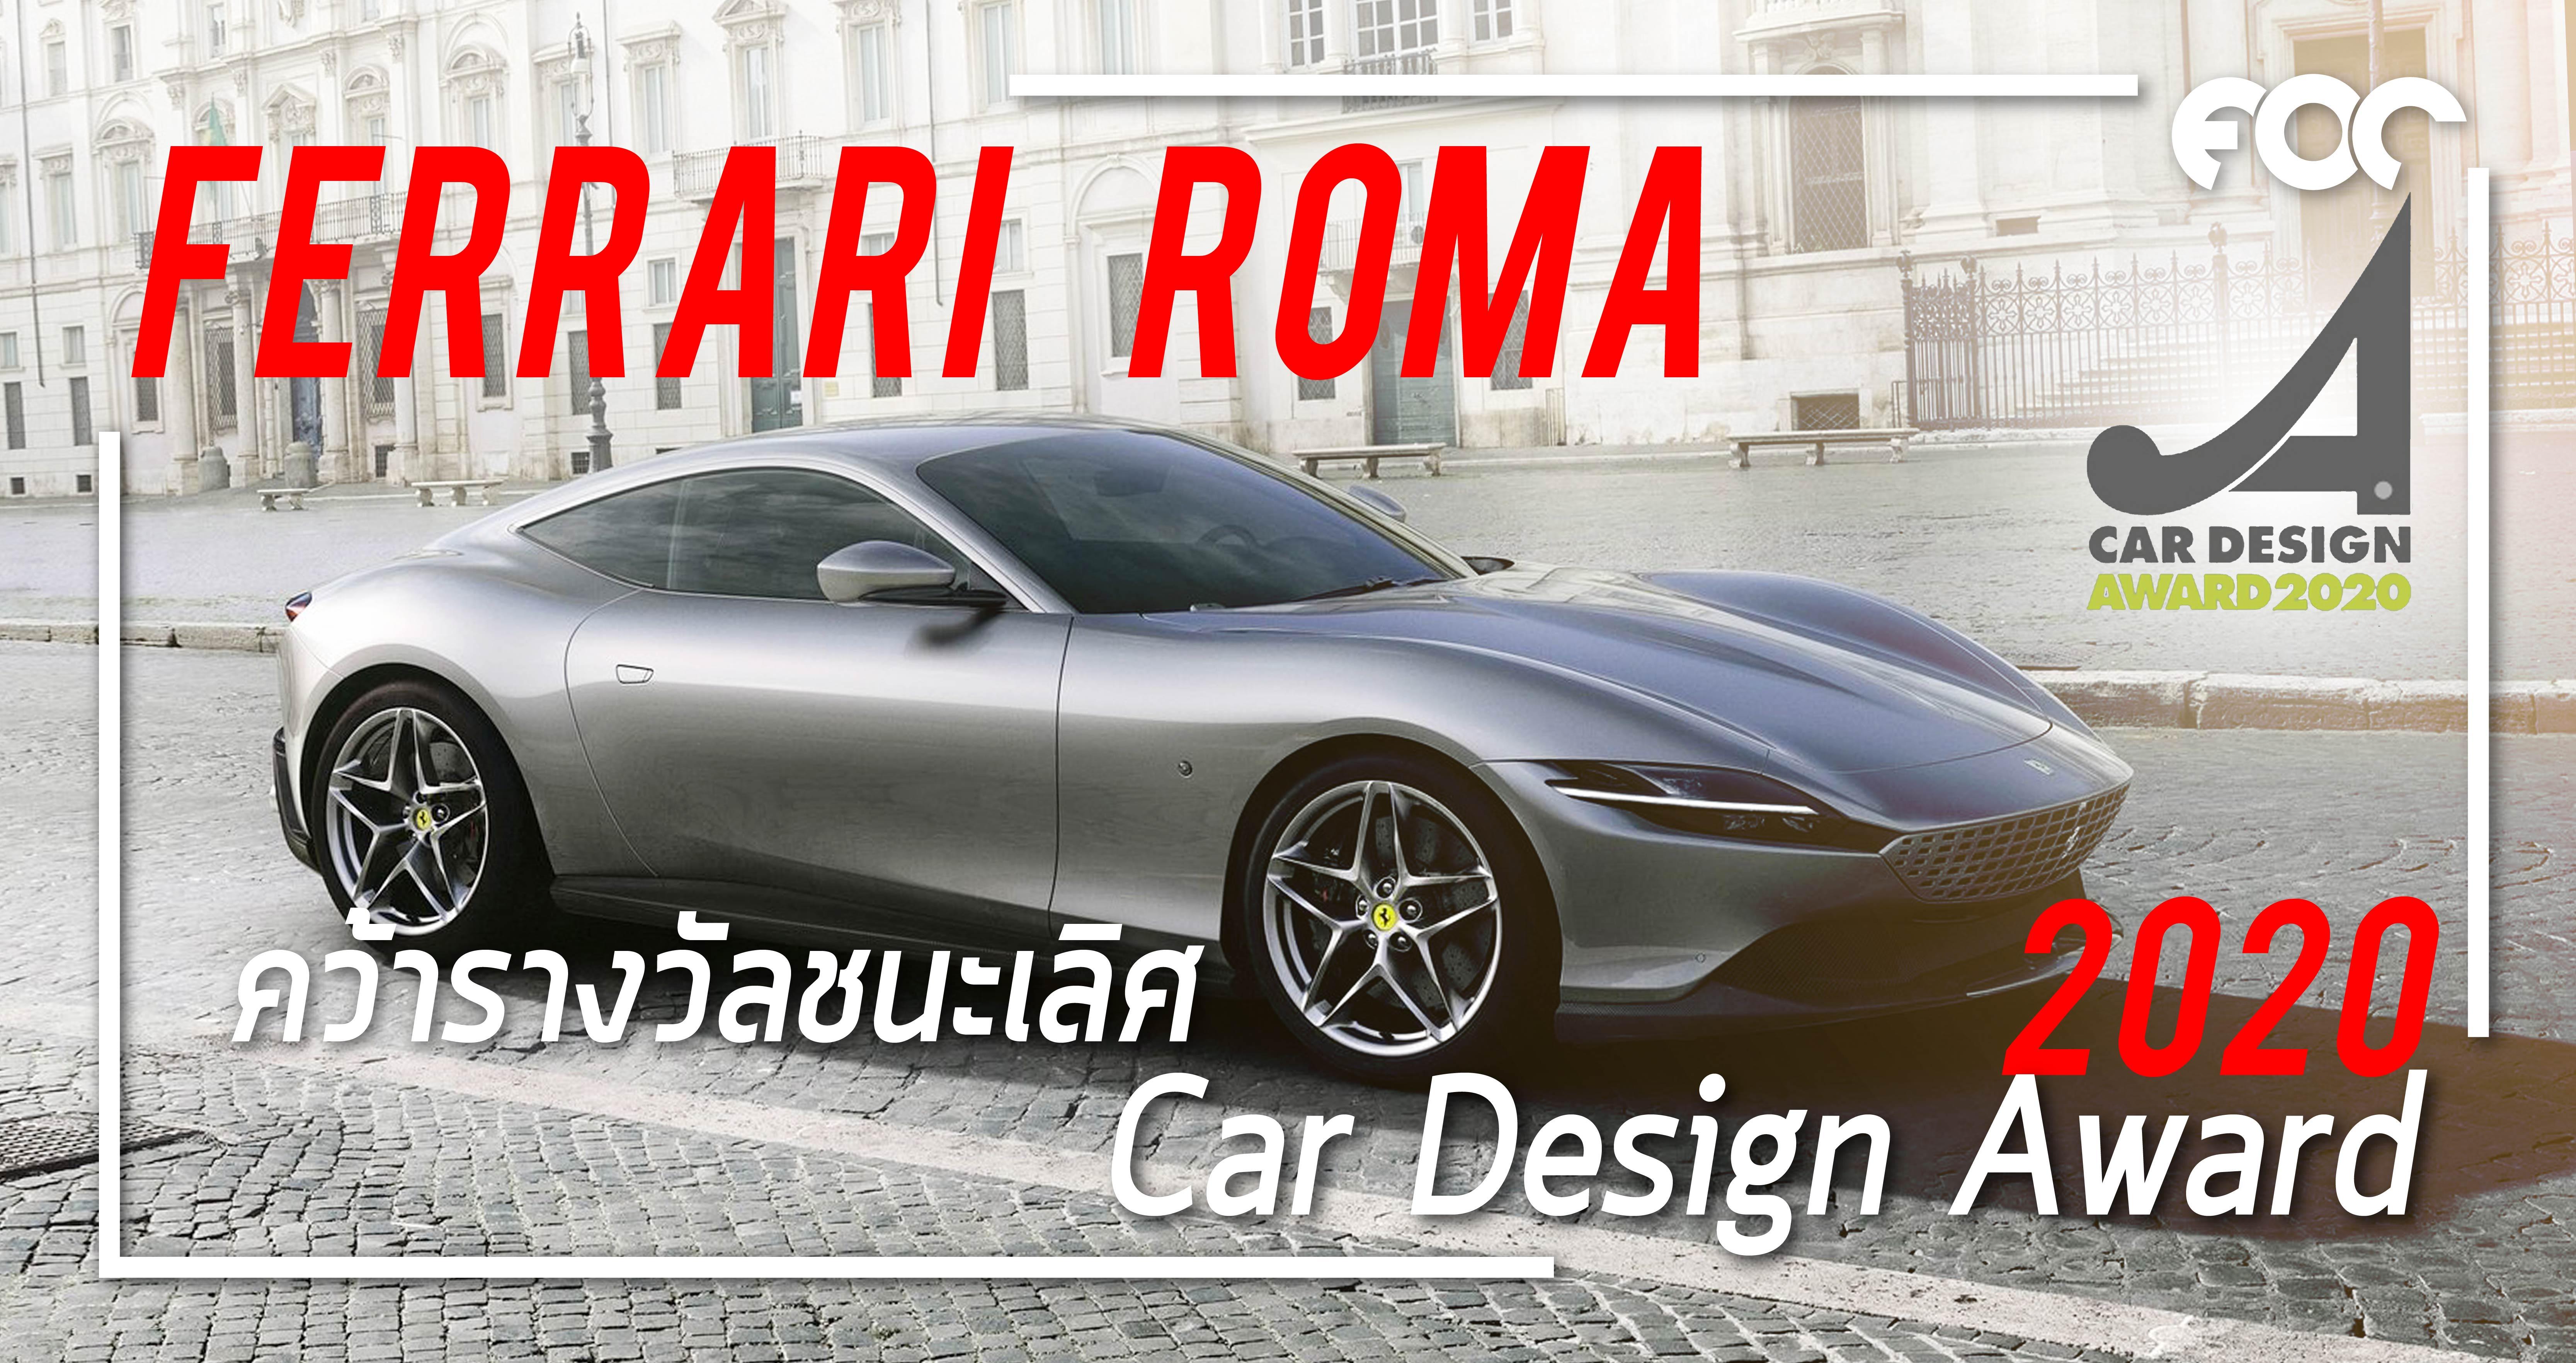 เฟอร์รารี่ Roma คว้ารางวัลชนะเลิศ 2020 Car Design Award